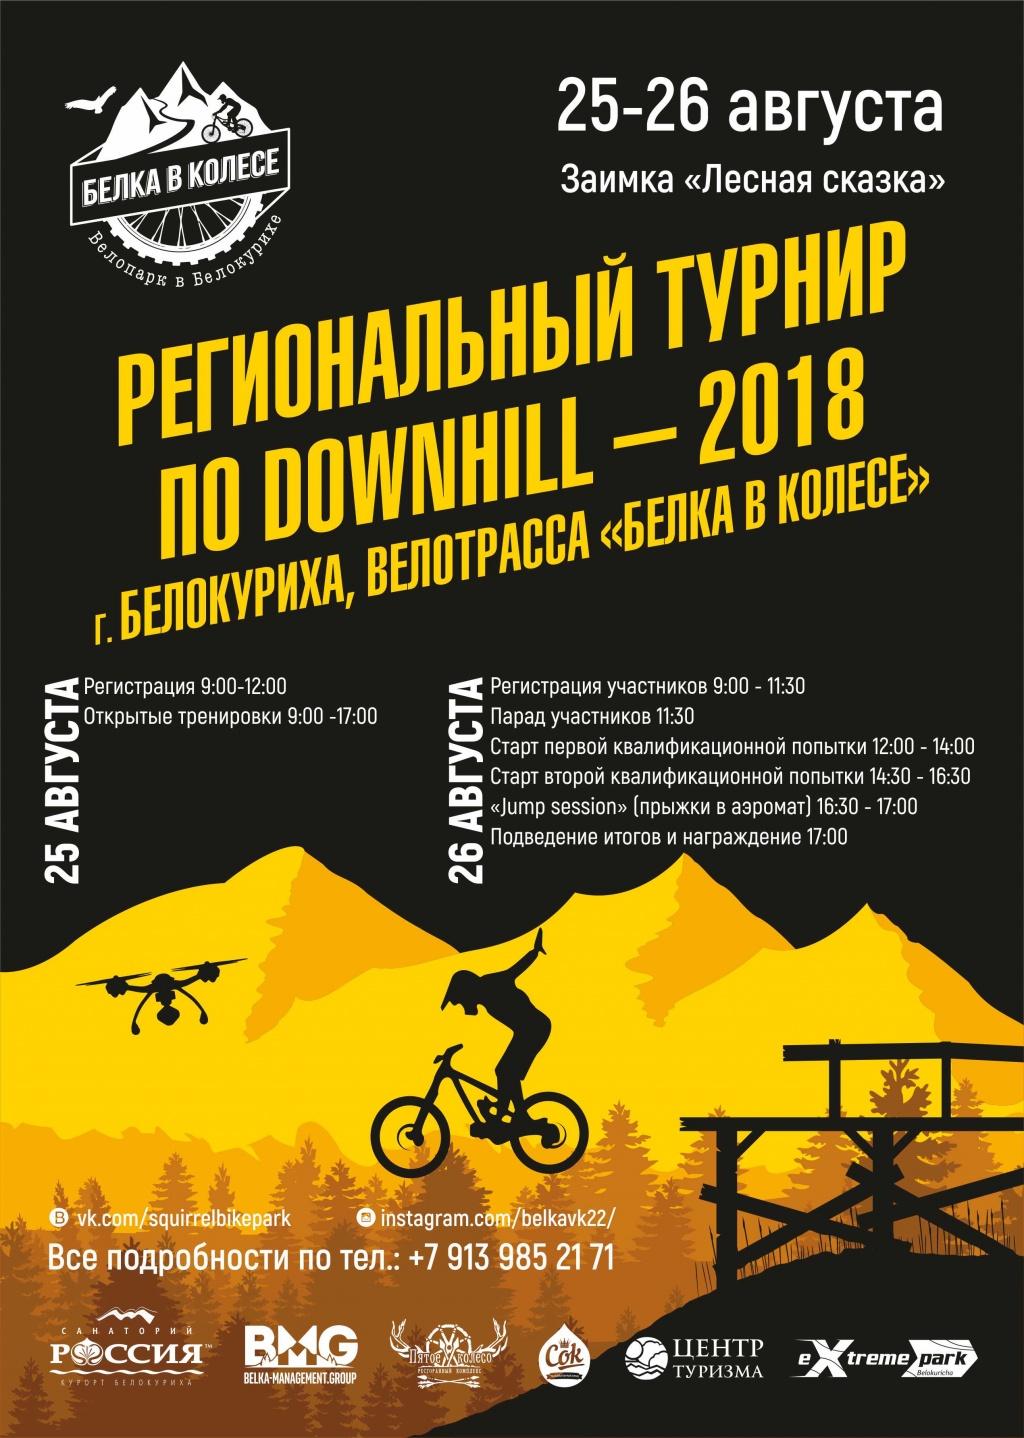 Блог им. TurboDildo: Региональный турнир по Downhill в байк-парке Белка в колесе 25-26 августа 2018г.